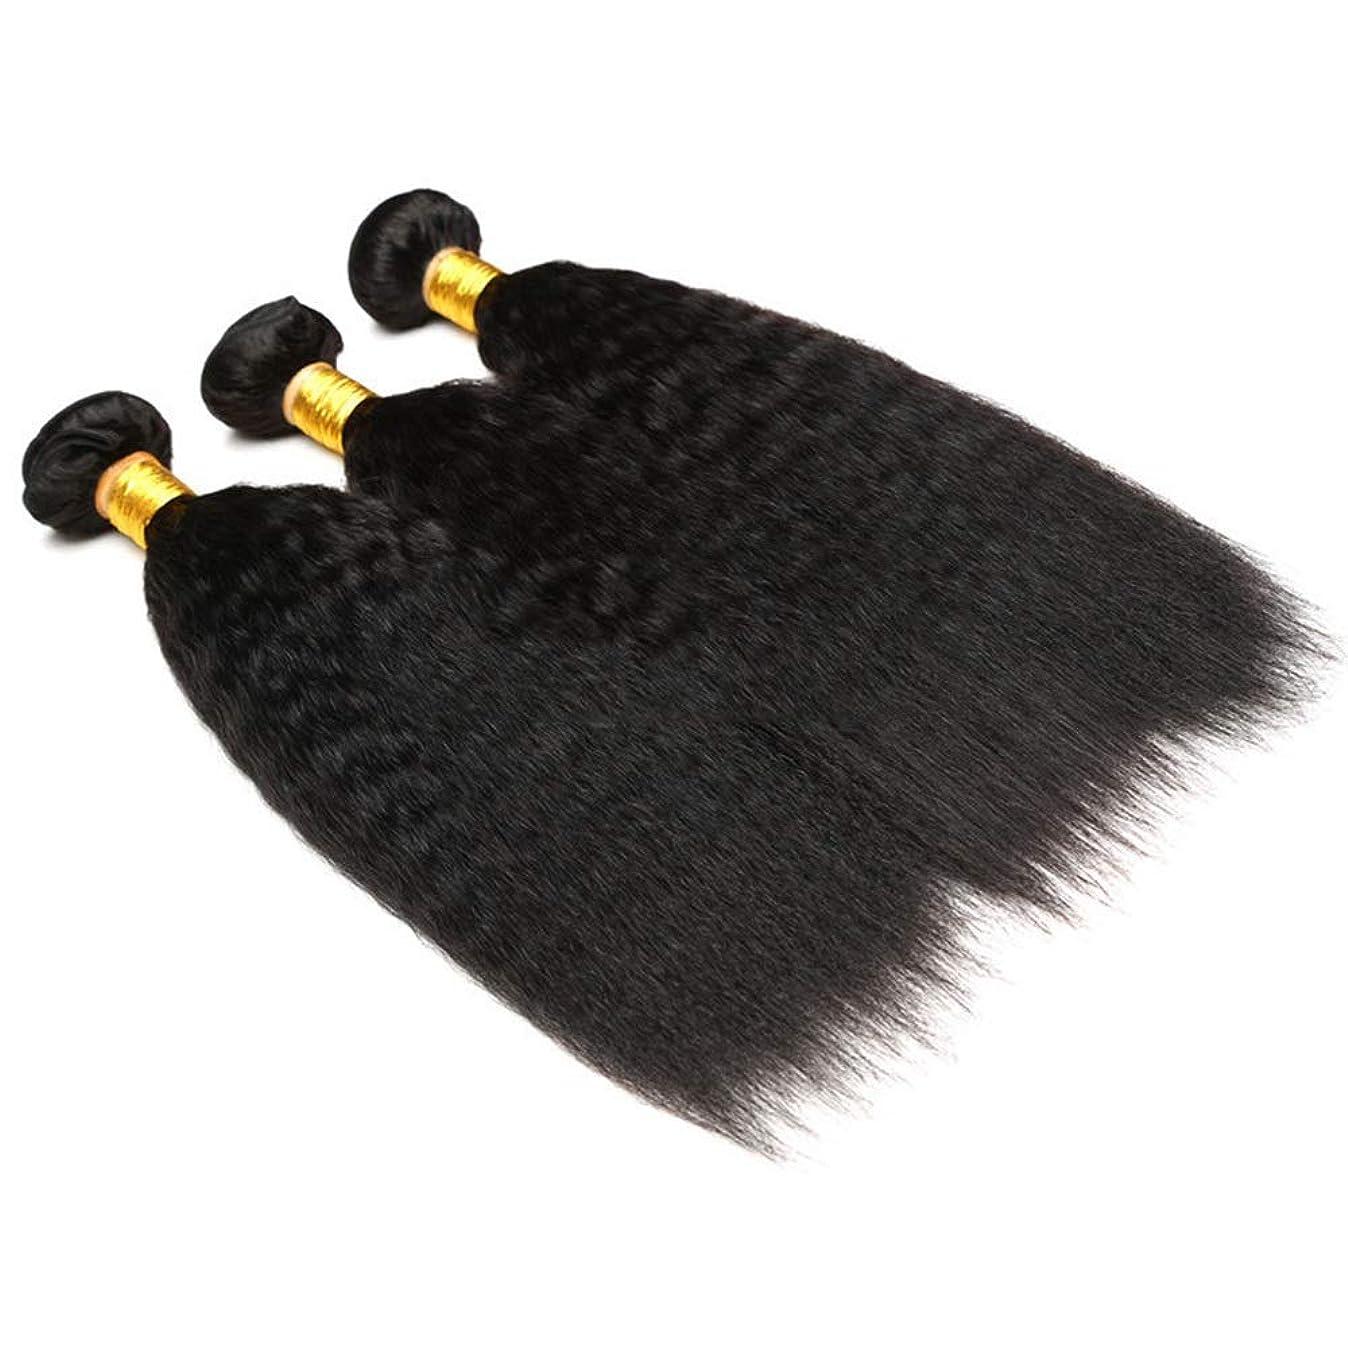 懸念パテ胴体HOHYLLYA ブラジルの本物の人間の髪の毛の束焼きストレートヘア1バンドルナチュラルカラー織り7Aグレードファッションウィッグ(10インチ-26インチ)パーティーウィッグ (色 : 黒, サイズ : 10 inch)